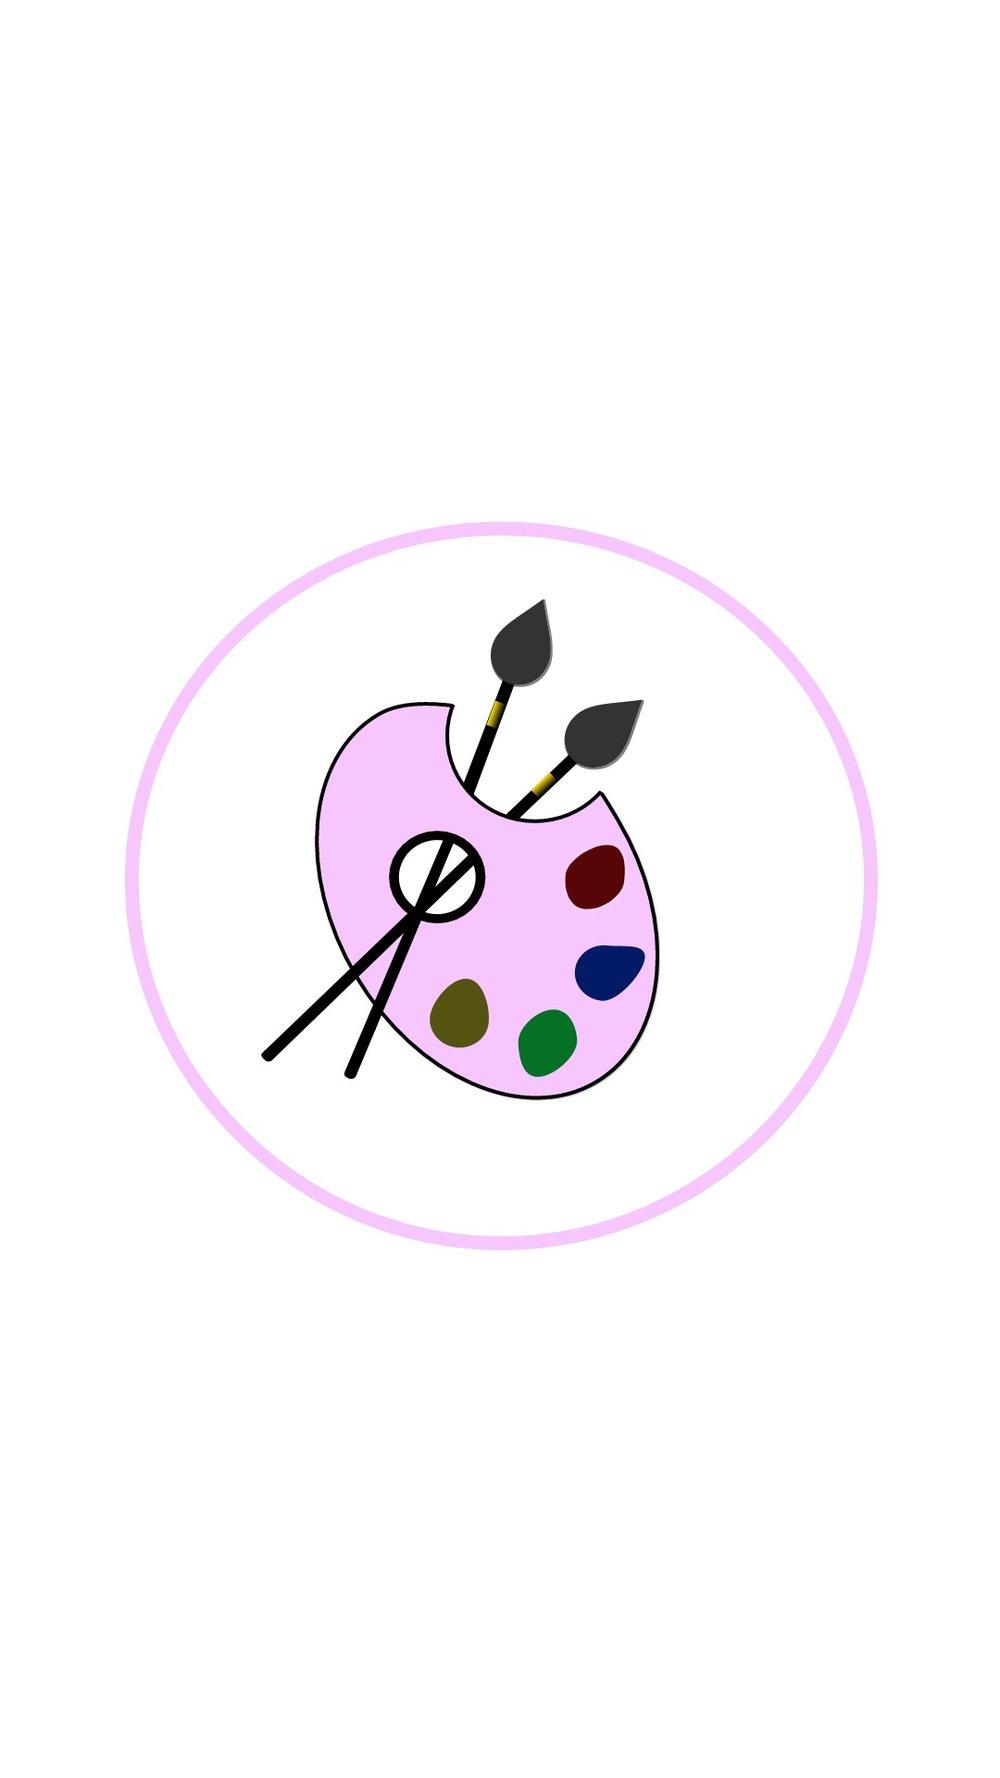 Instagram-cover-paint-pinkwhite-lotnotes.com.jpg